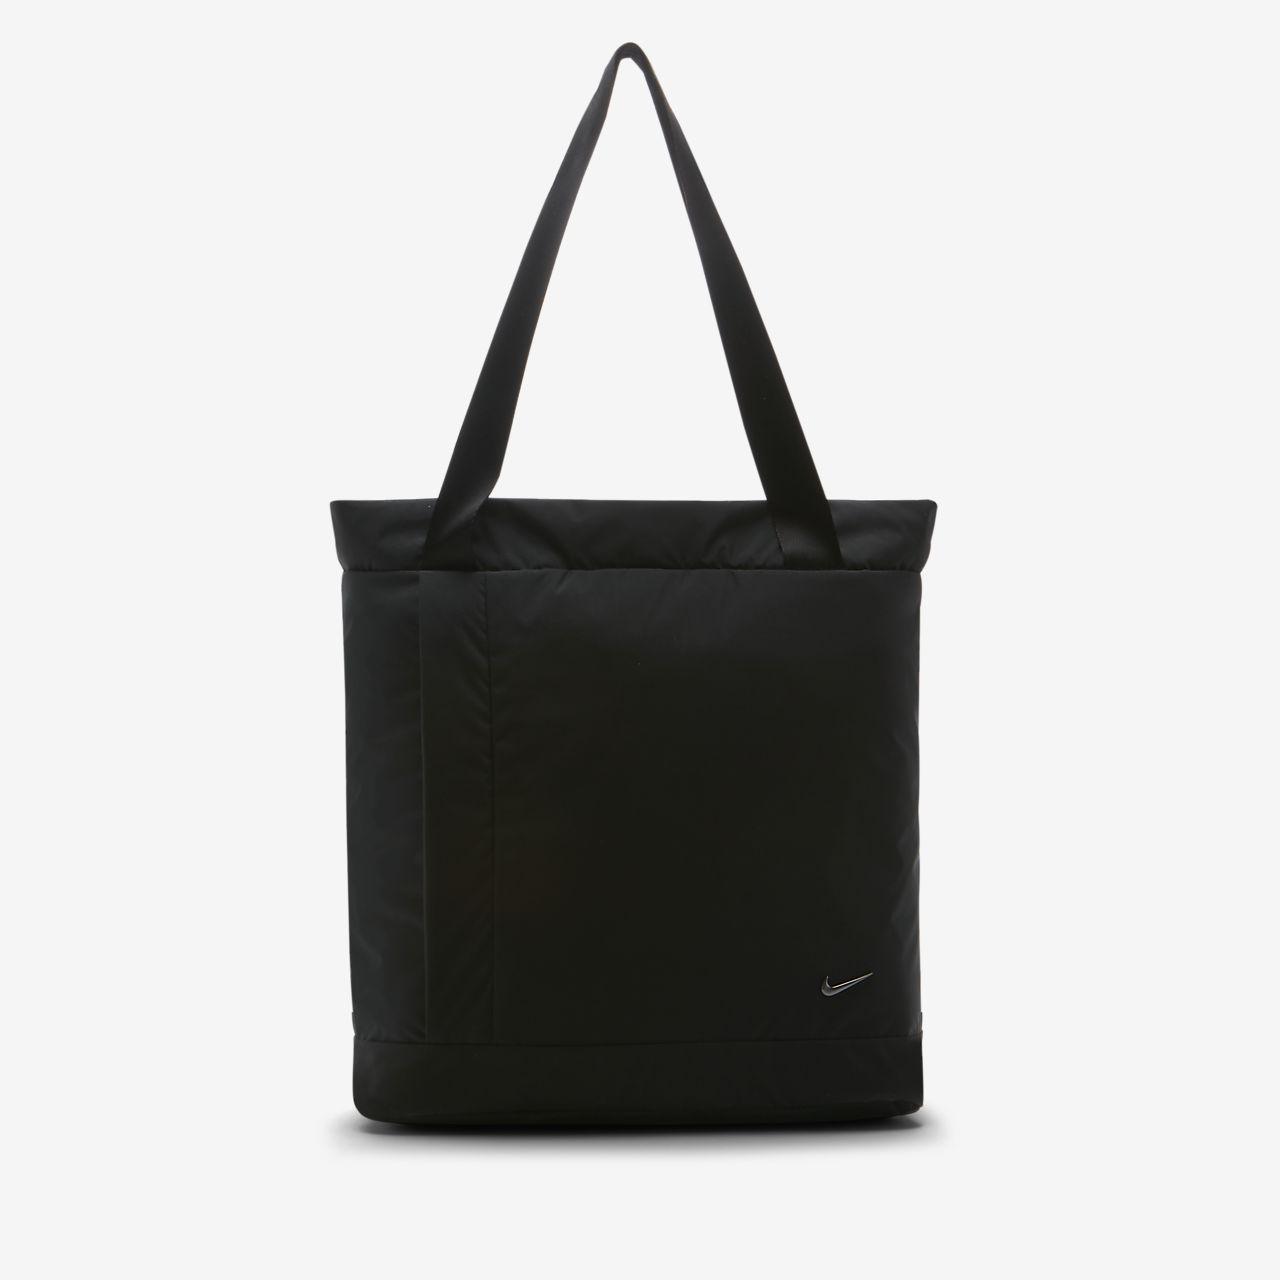 Nike Legend 訓練托特包